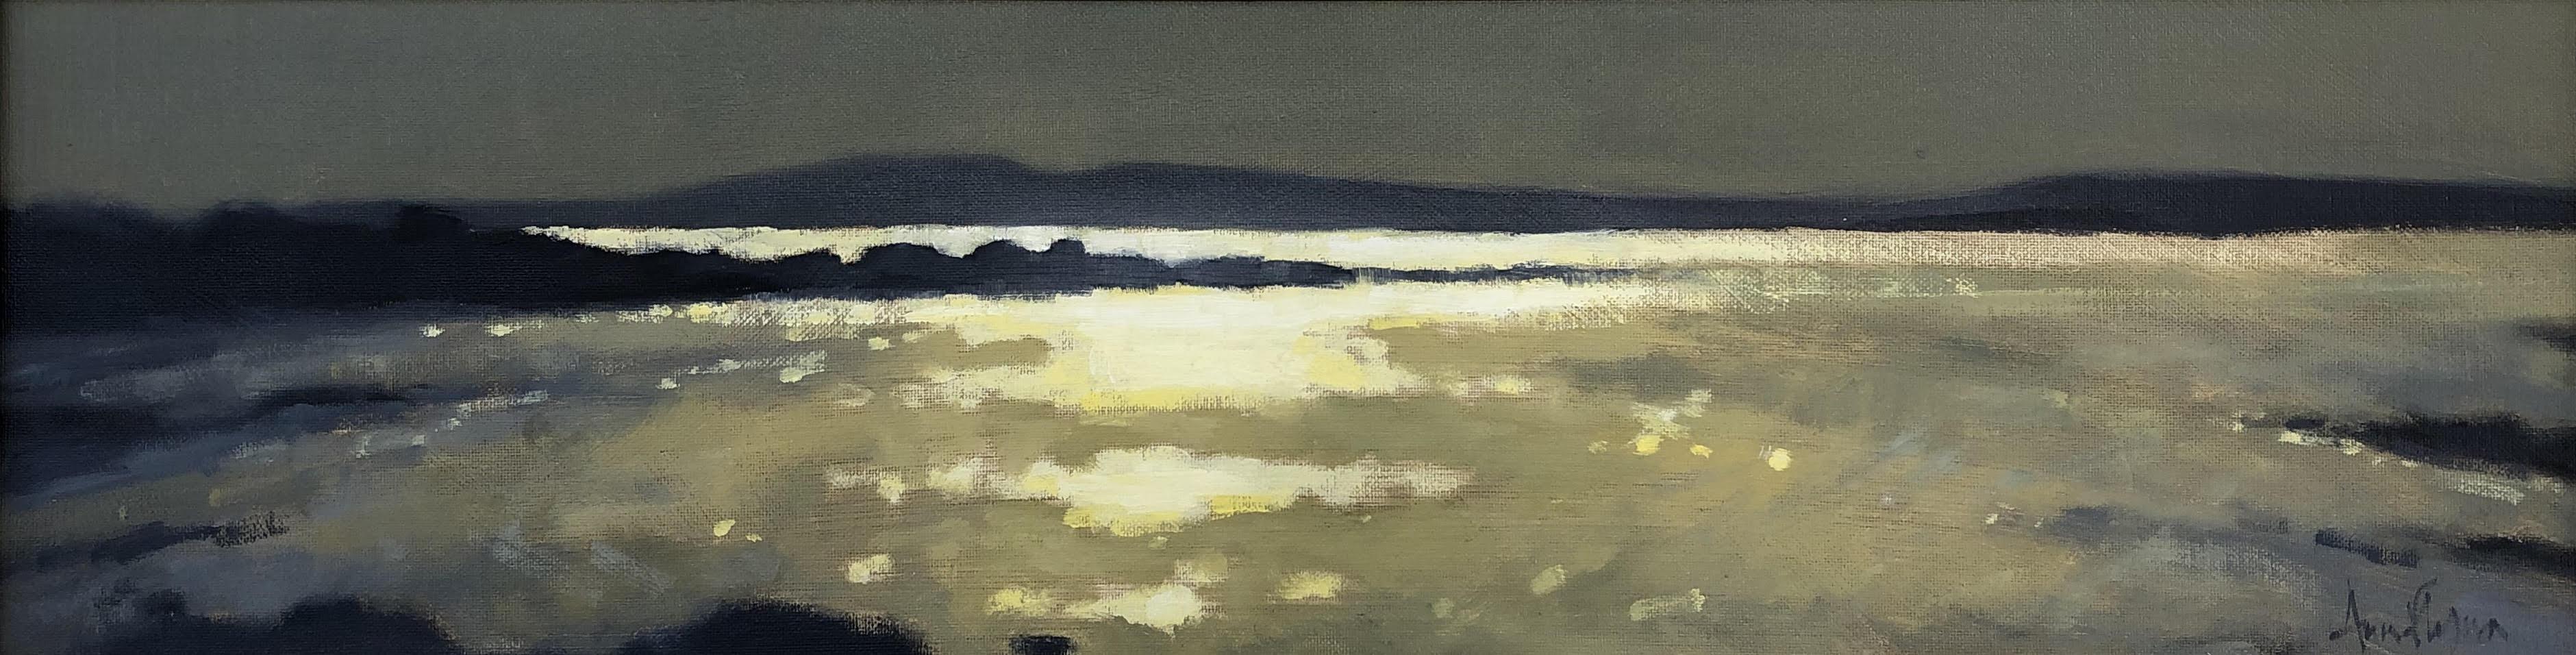 Shoreline, Spiddal by Ann Flynn